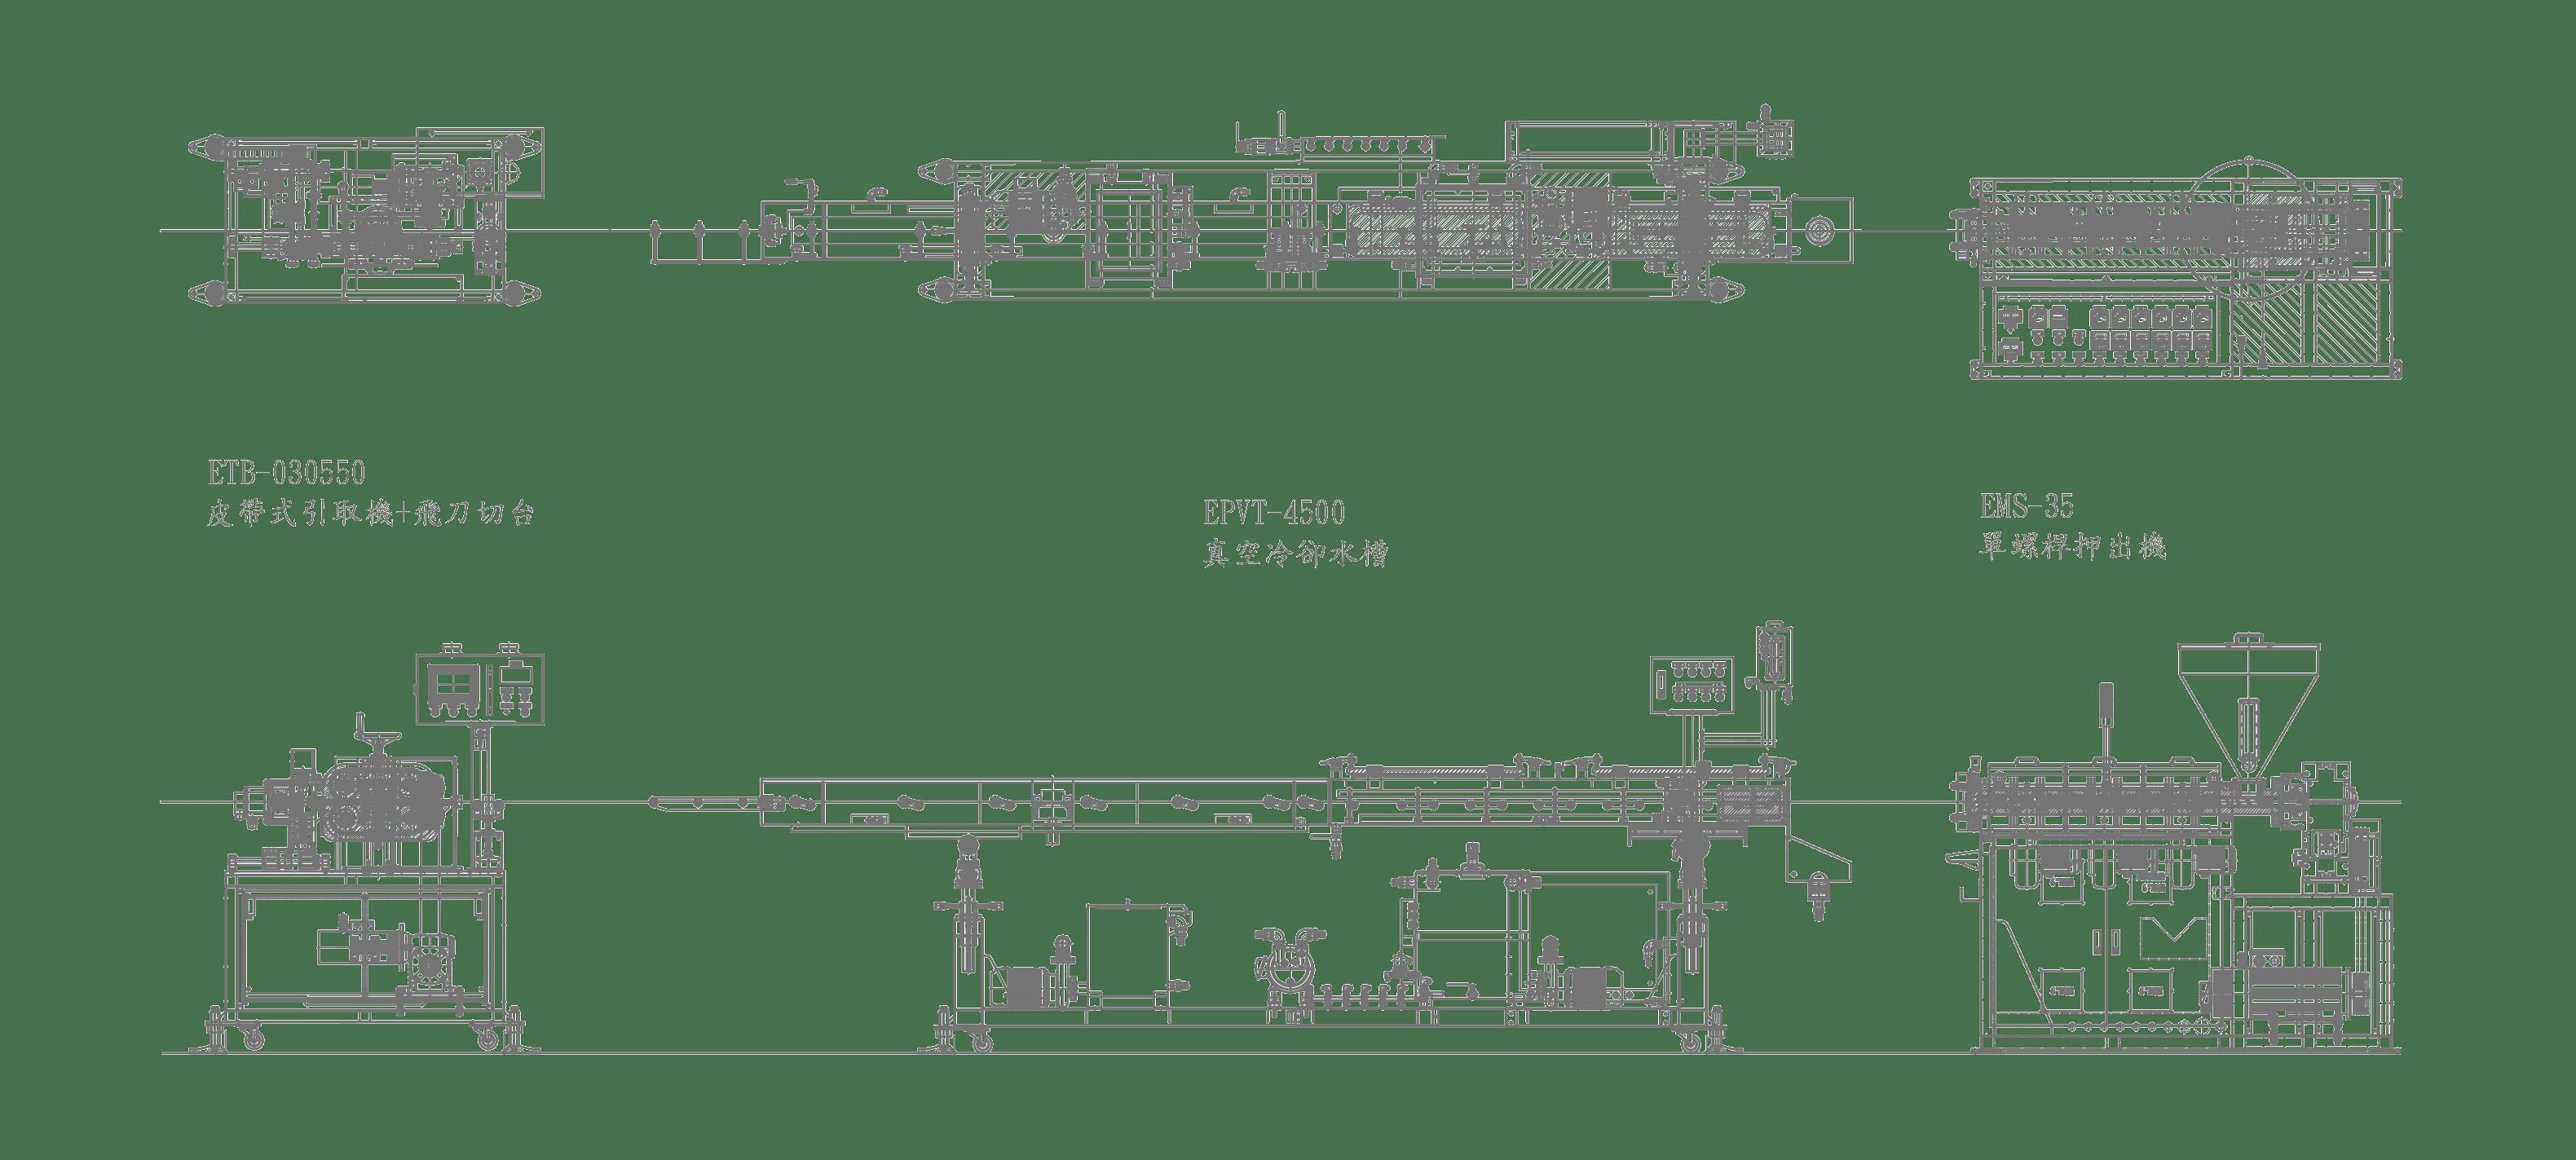 infusion_tube_machine_line